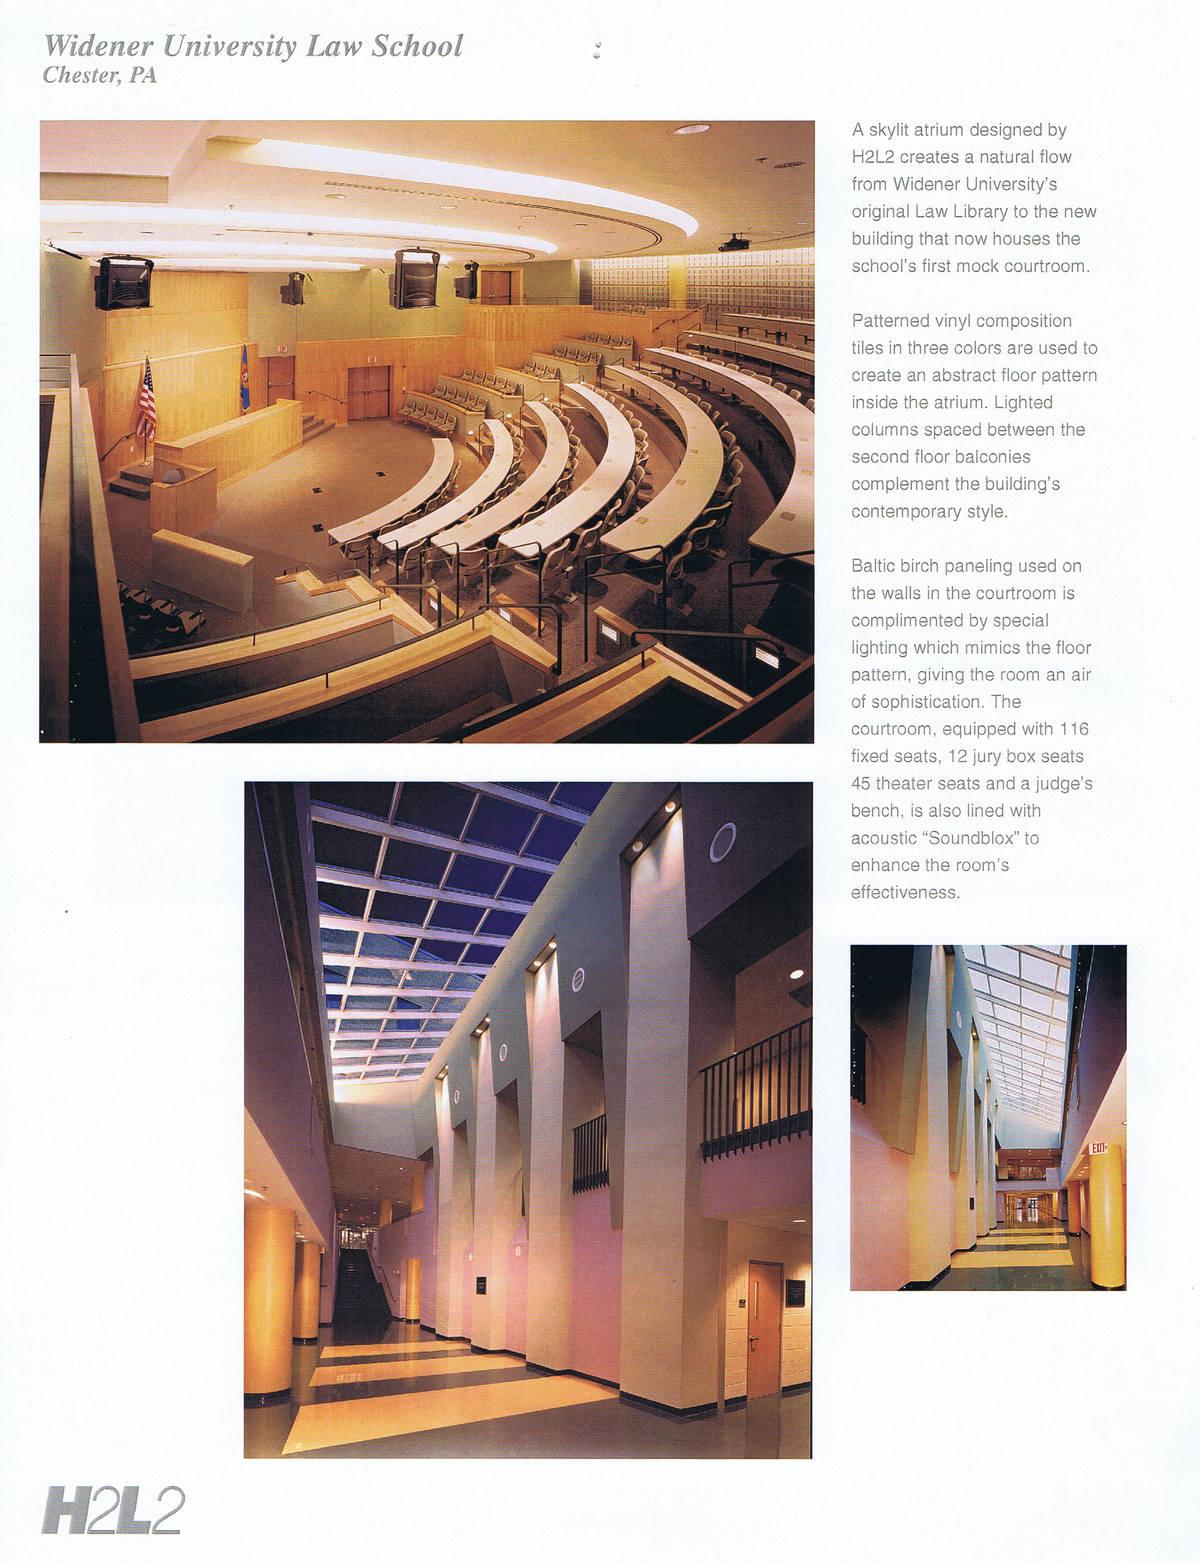 Moot Court Room and Atrium